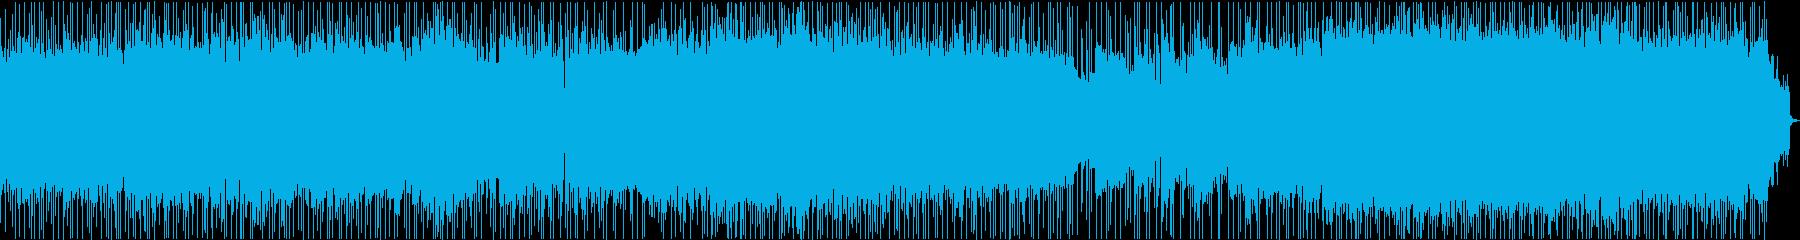 これぞ誰もが描くハードロック!Gt生演奏の再生済みの波形